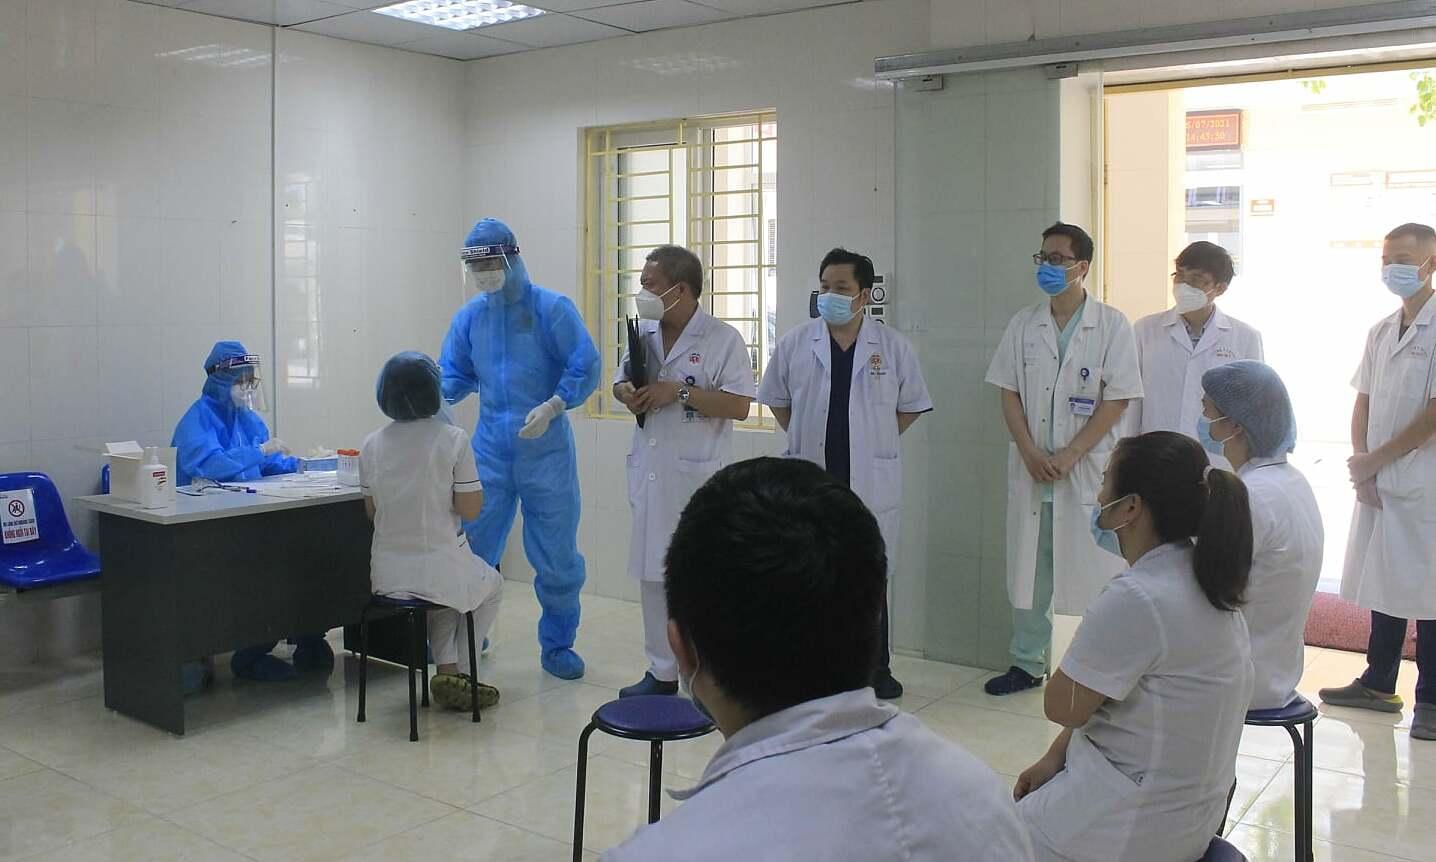 Y bác sĩ Bệnh viện E xét nghiệm nCoV trước khi lên đường chi viện. Ảnh: Thanh Xuân.